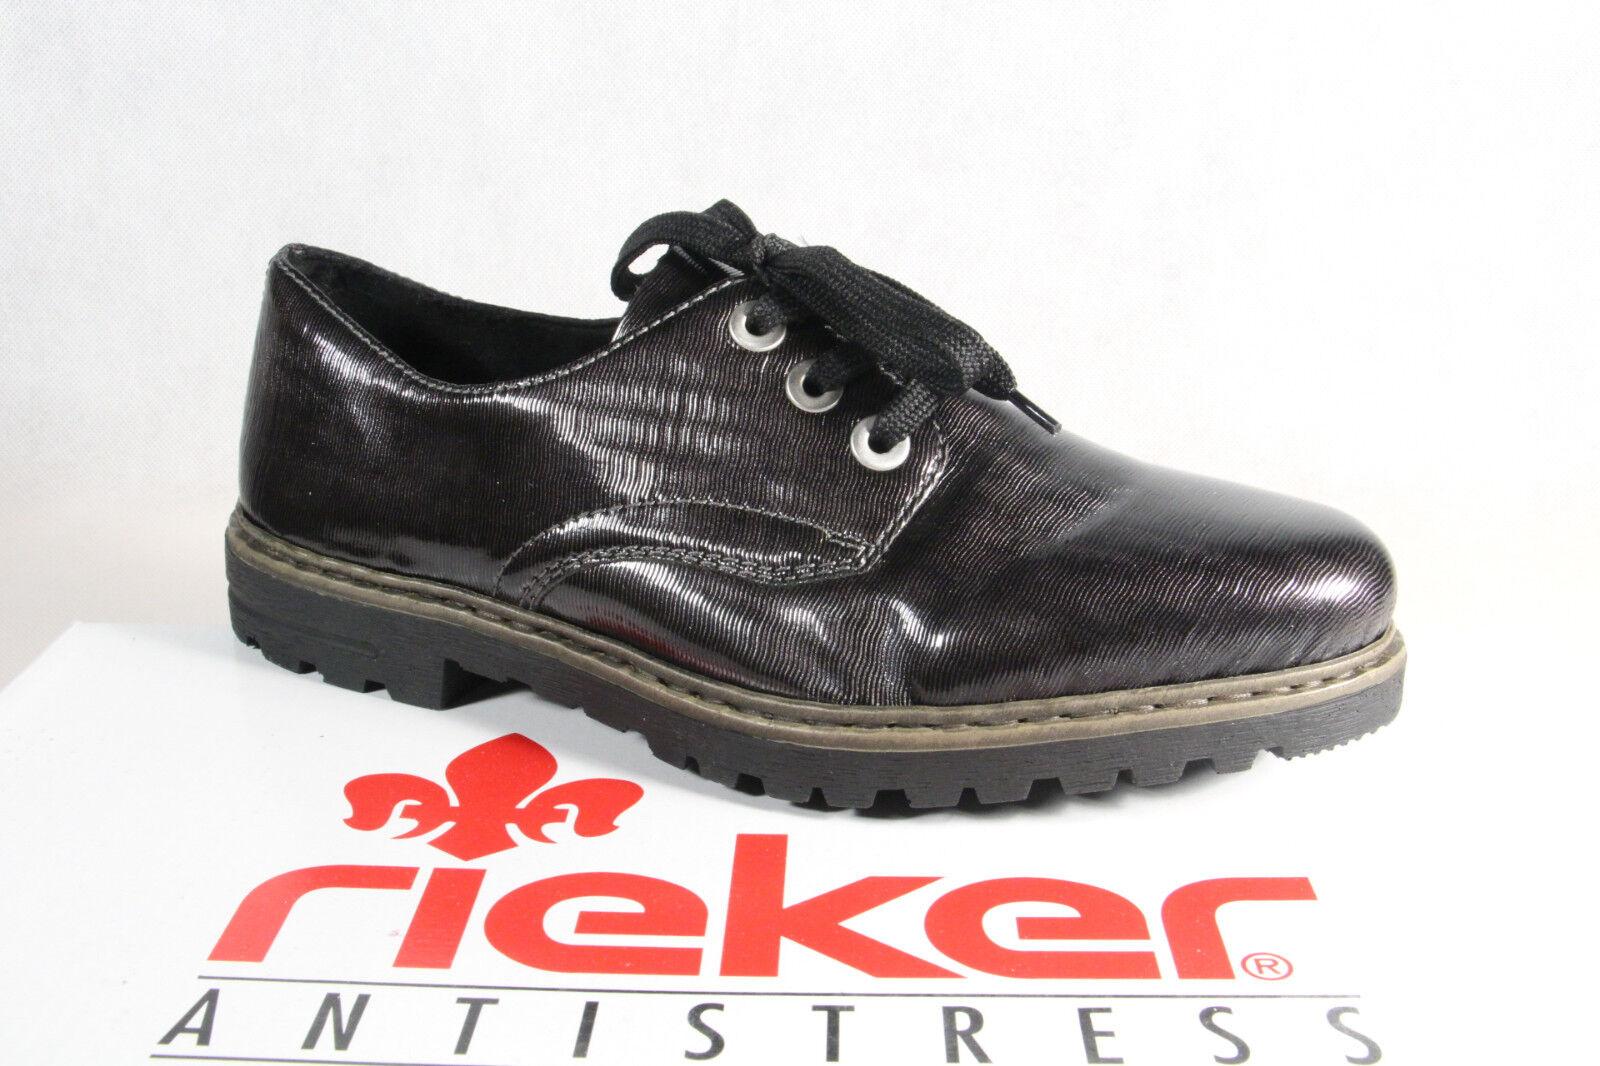 Rieker Damen Schnürschuh Slipper Halbschuhe, Sneakers grau M4809 NEU ... 3cdbe87c0e